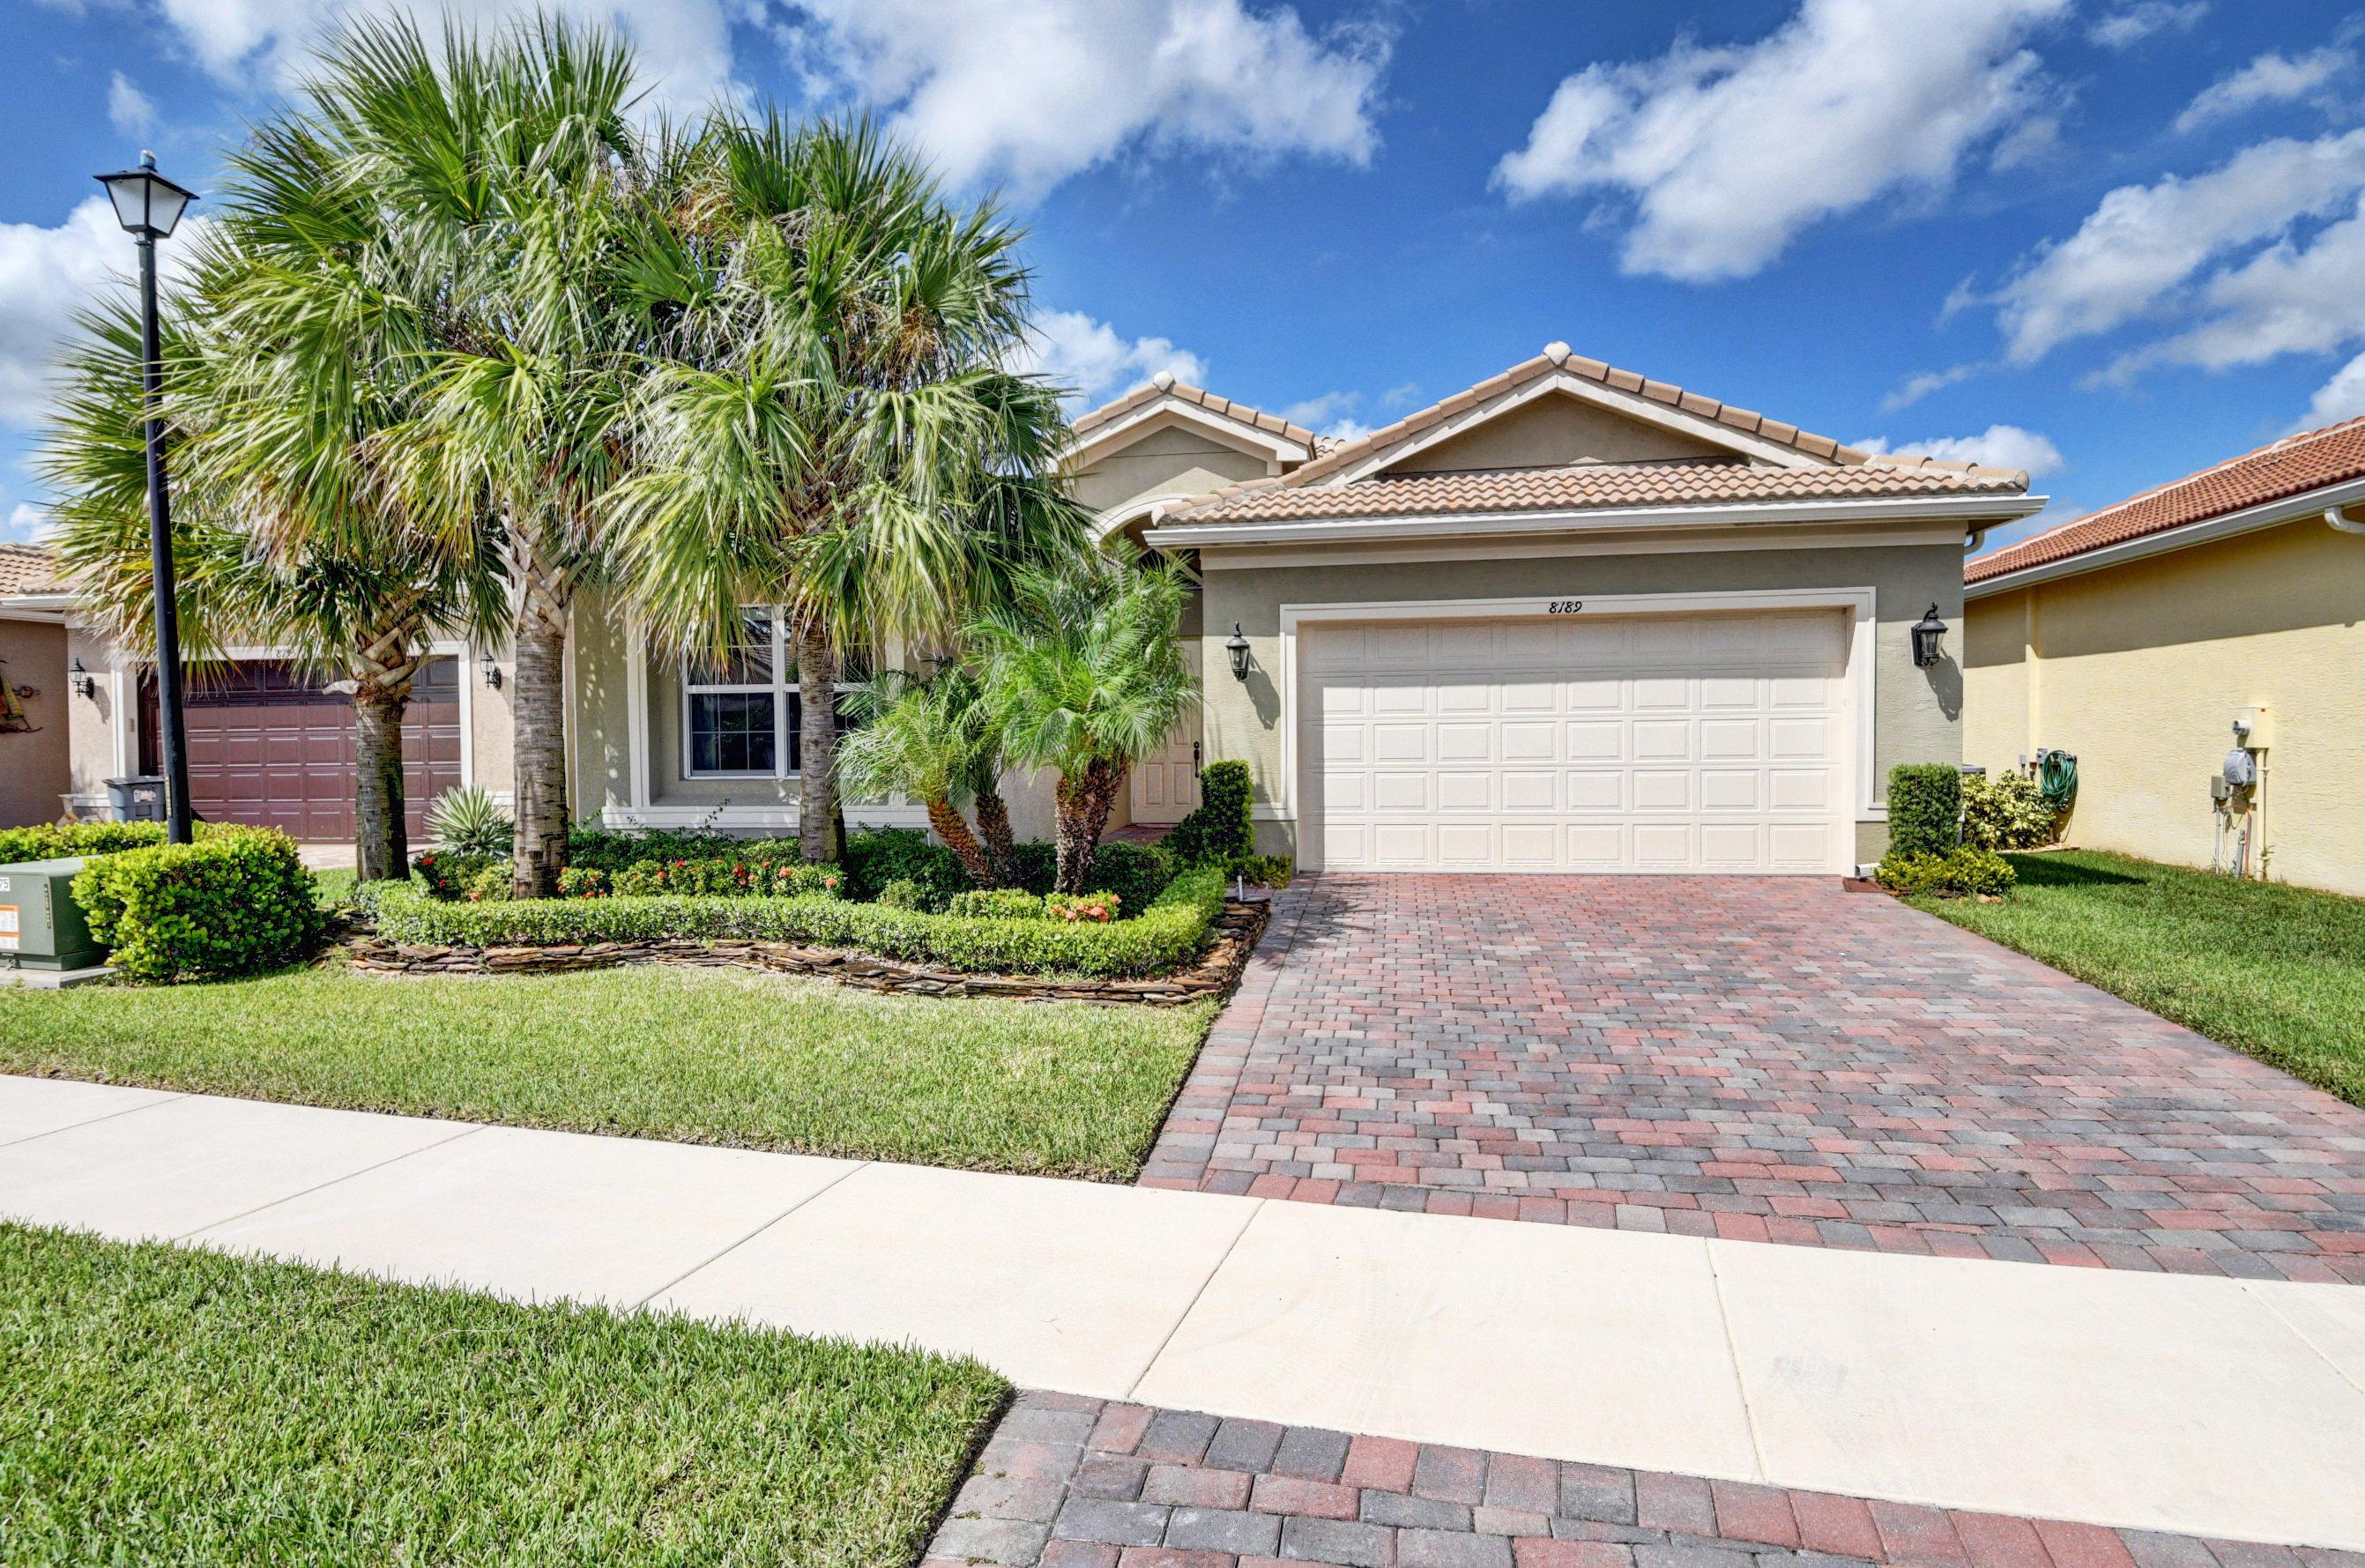 Home for sale in Valencia Cove Boynton Beach Florida